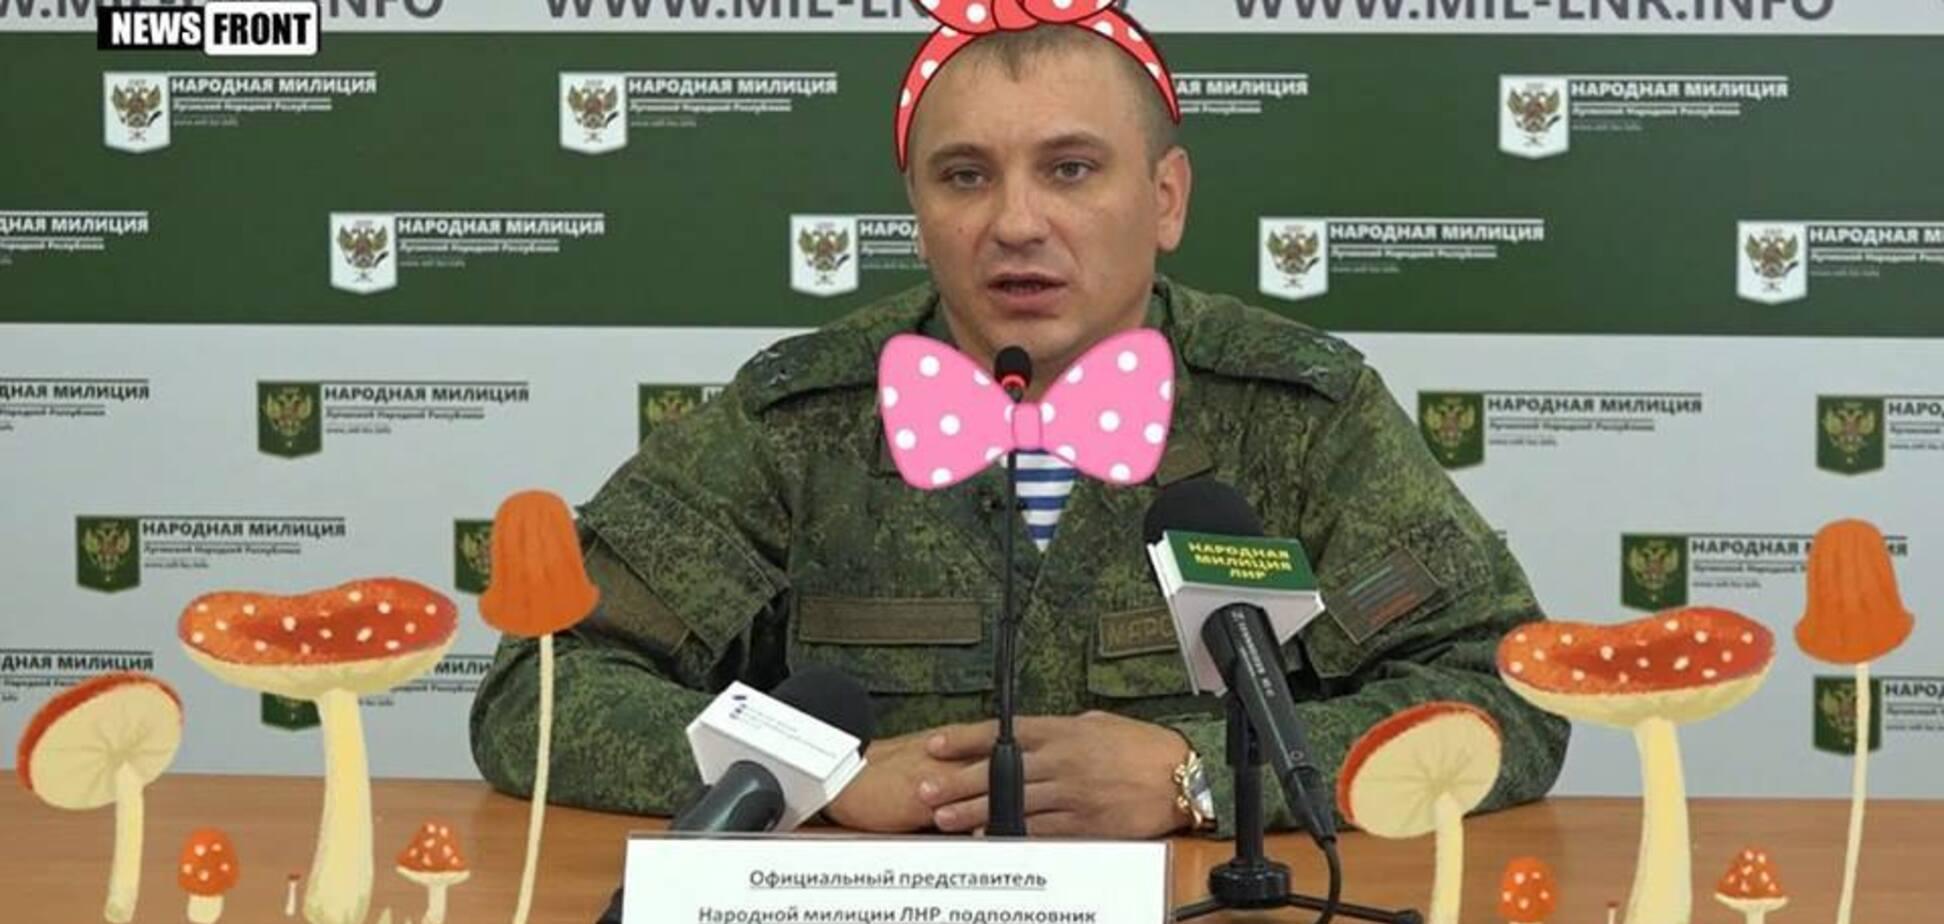 ''Привезли вісім вагонів!'' У ''ЛНР'' вибухнули божевільною заявою про армію України